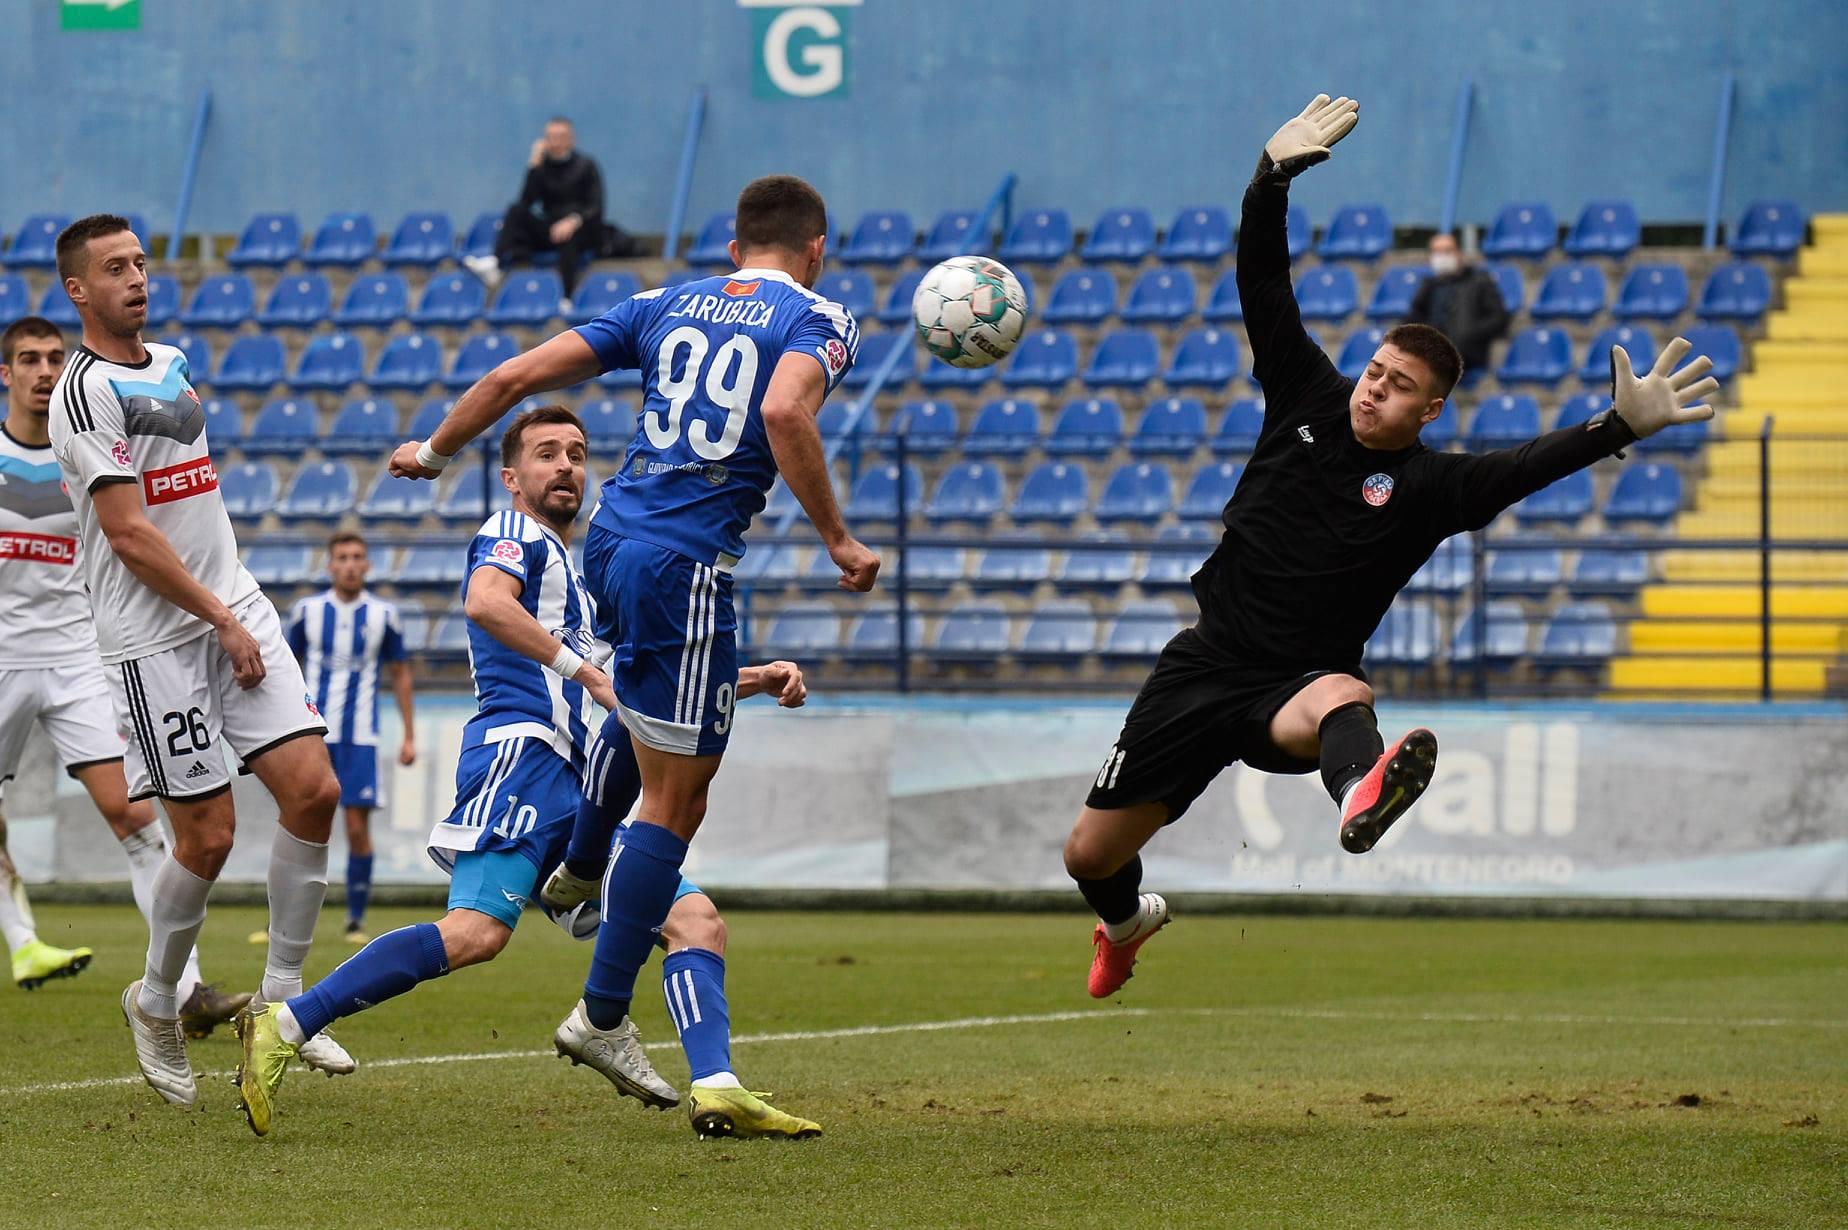 Budućnost i Petrovac kažnjeni novčano  zbog nereda i liše organizacije utakmice